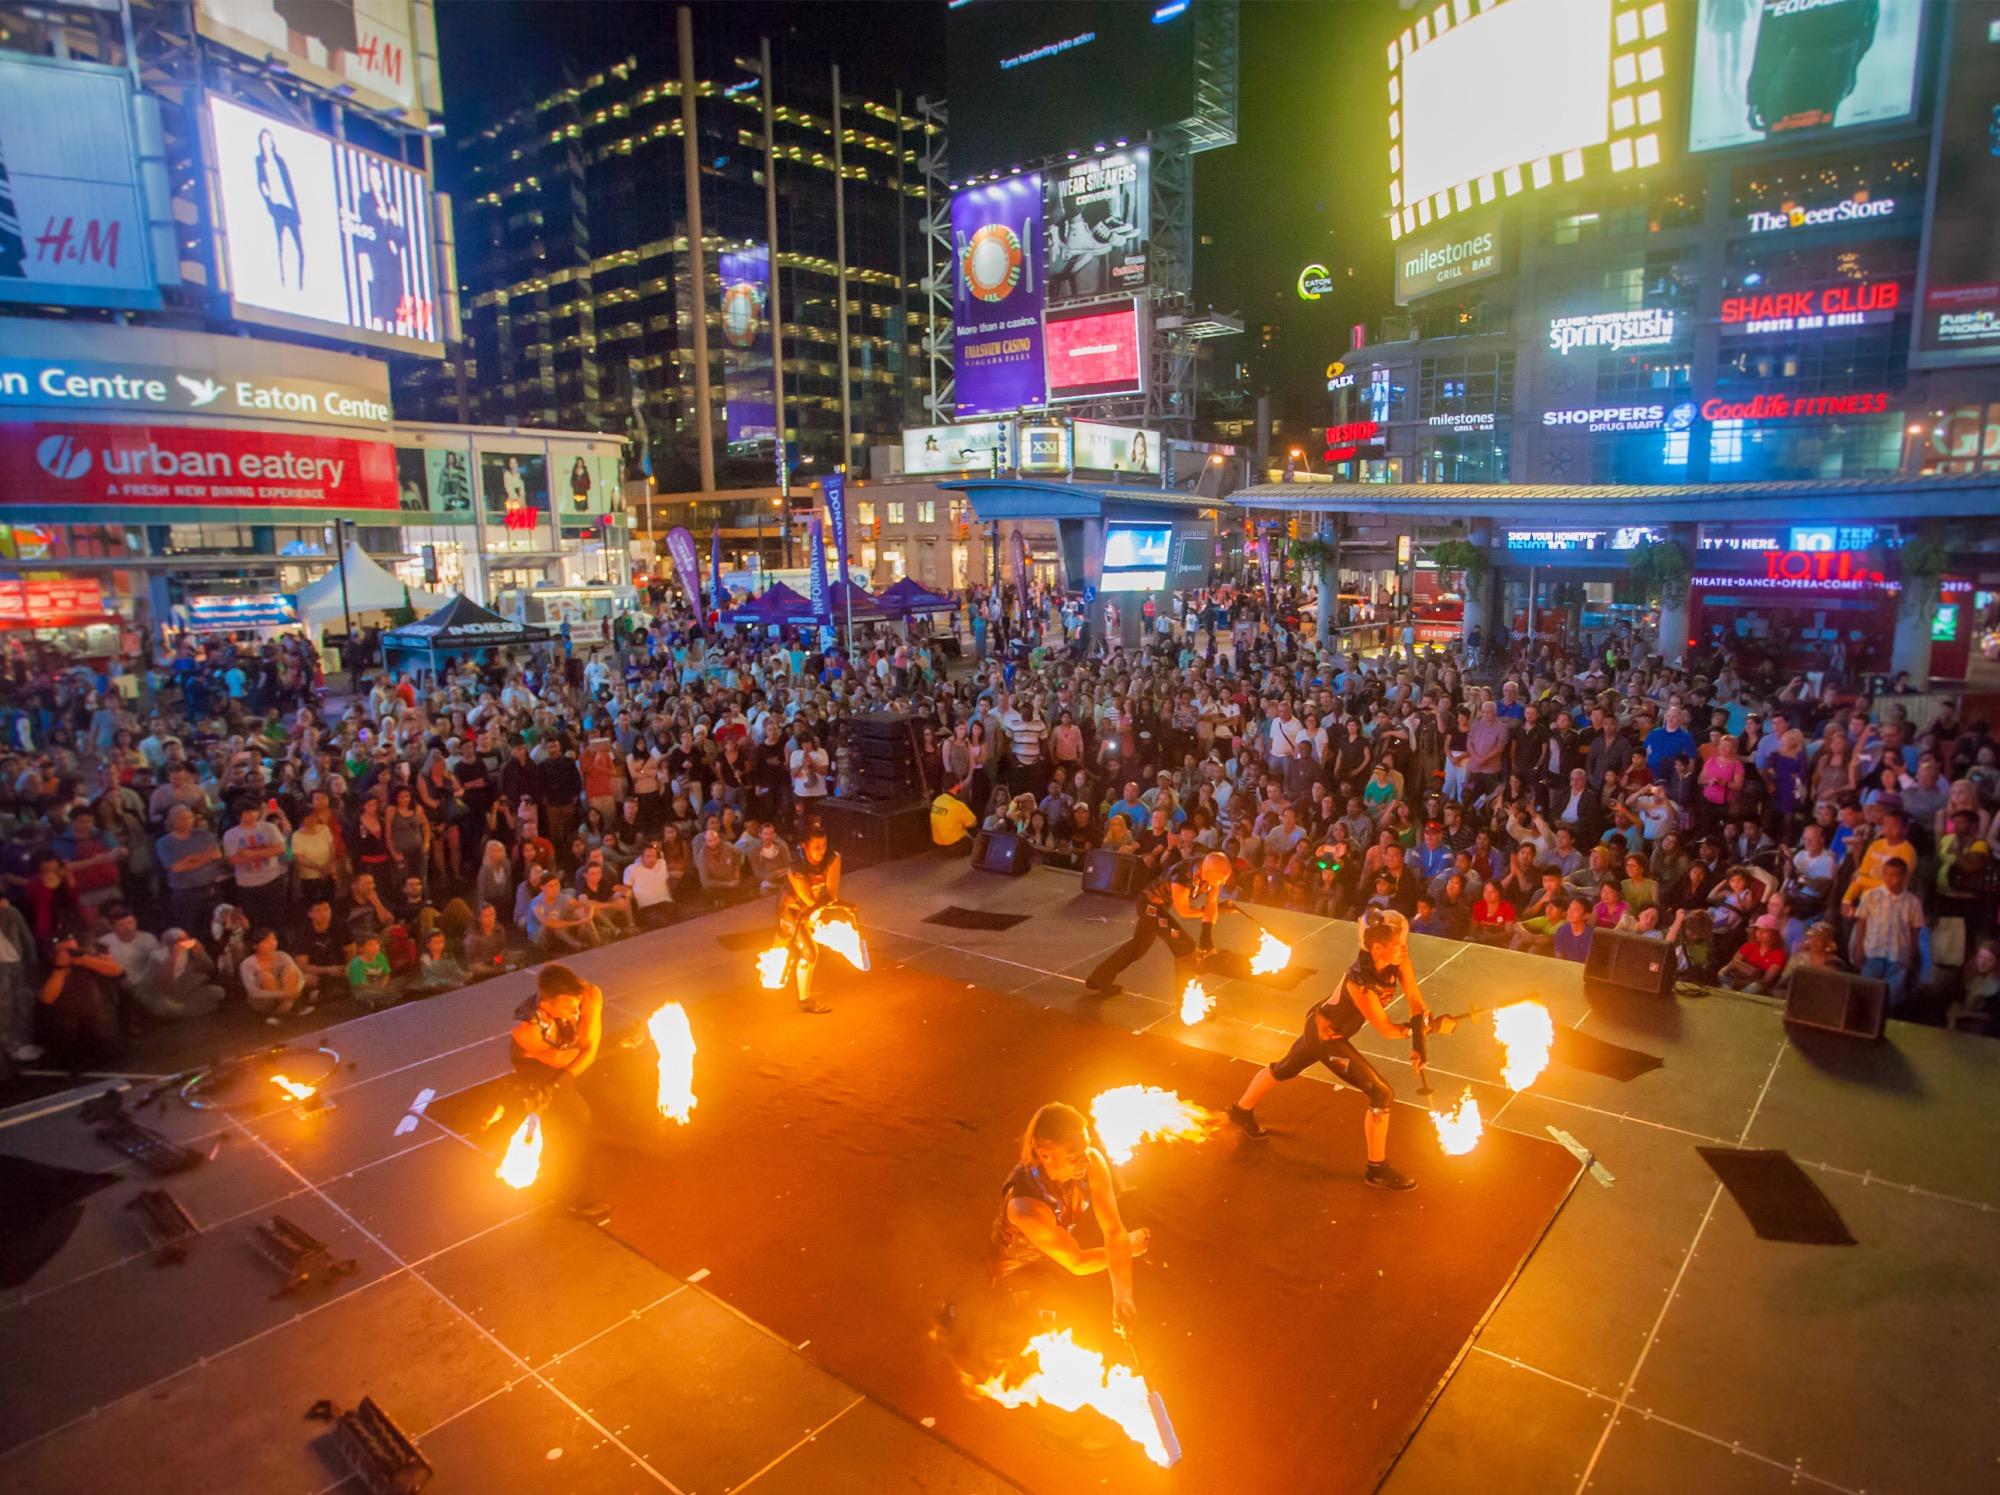 FlameOz Fire Show - Toronto 2014 - Hi Res.jpg